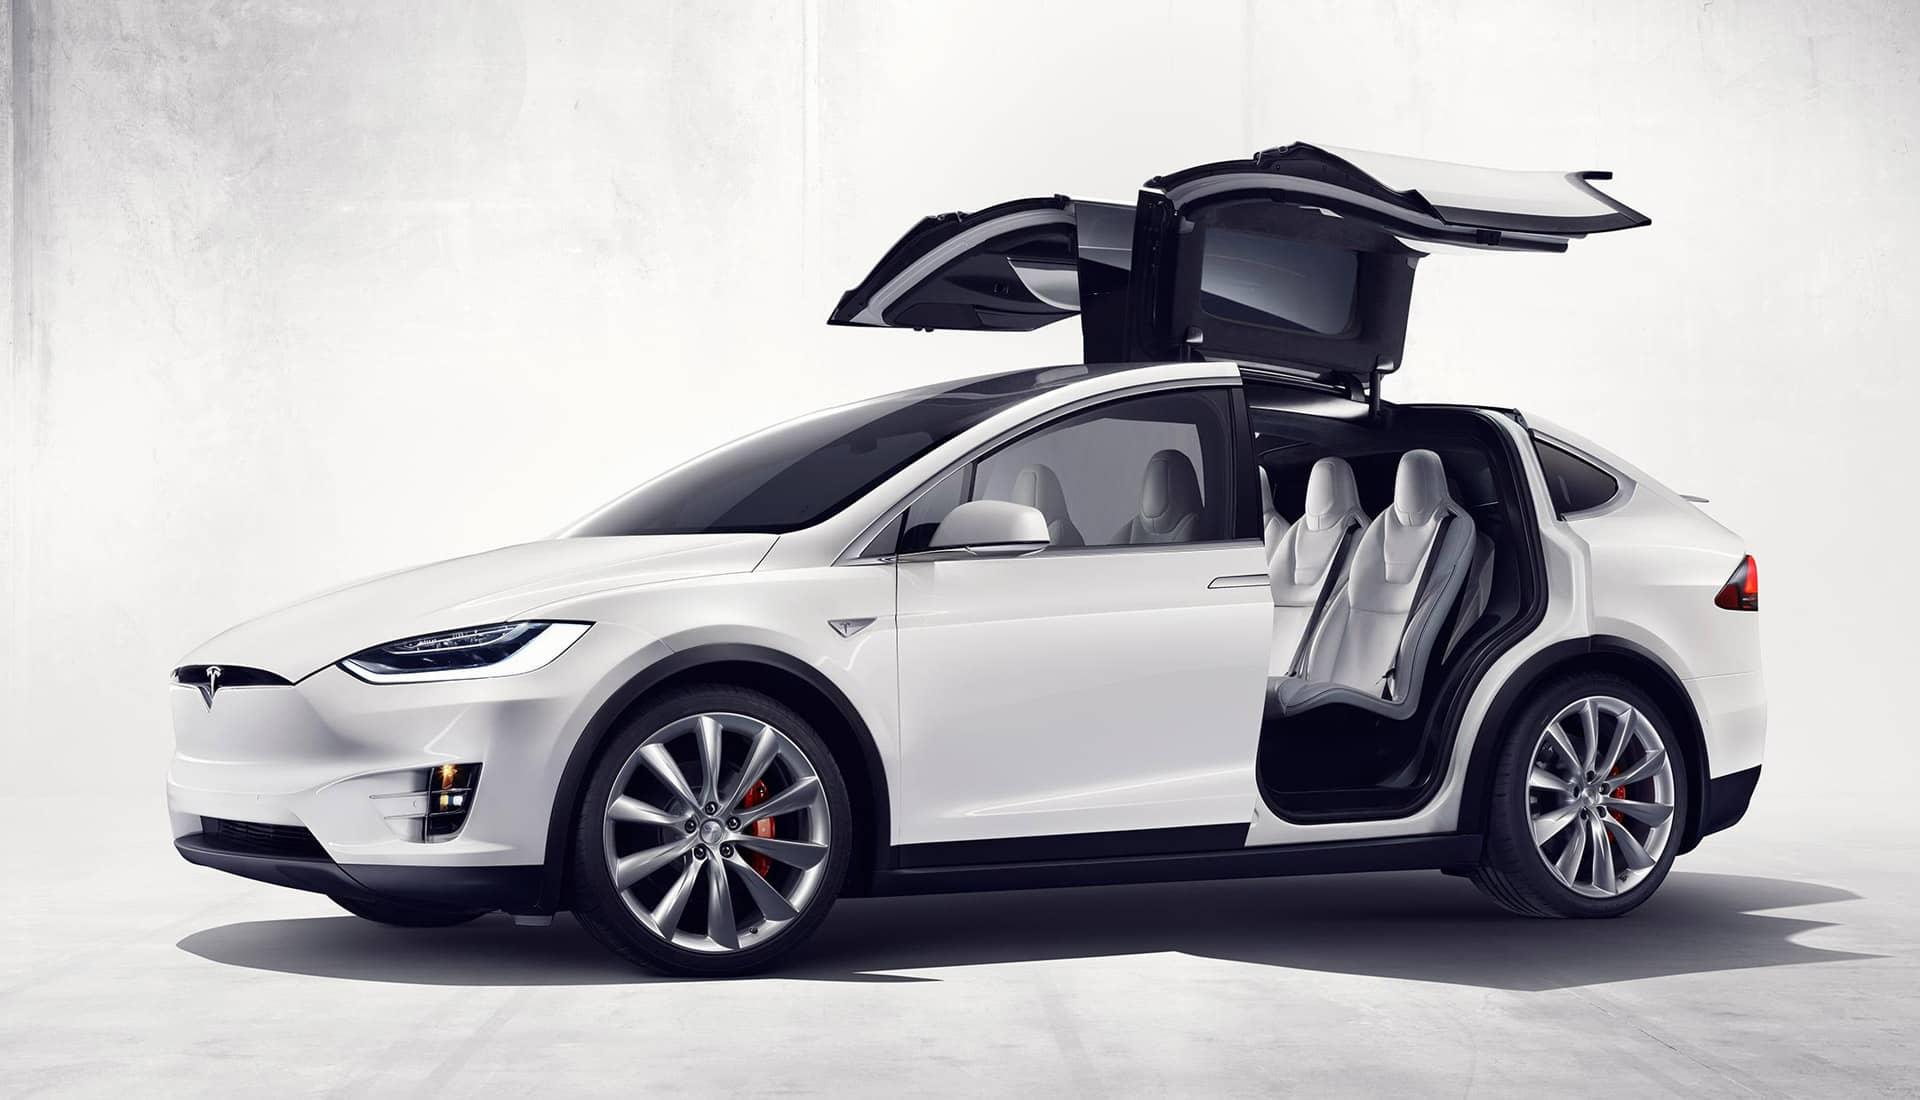 Quoi de mieux qu'une démonstration pour prouver l'efficacité du filtre à particules du Tesla Model X